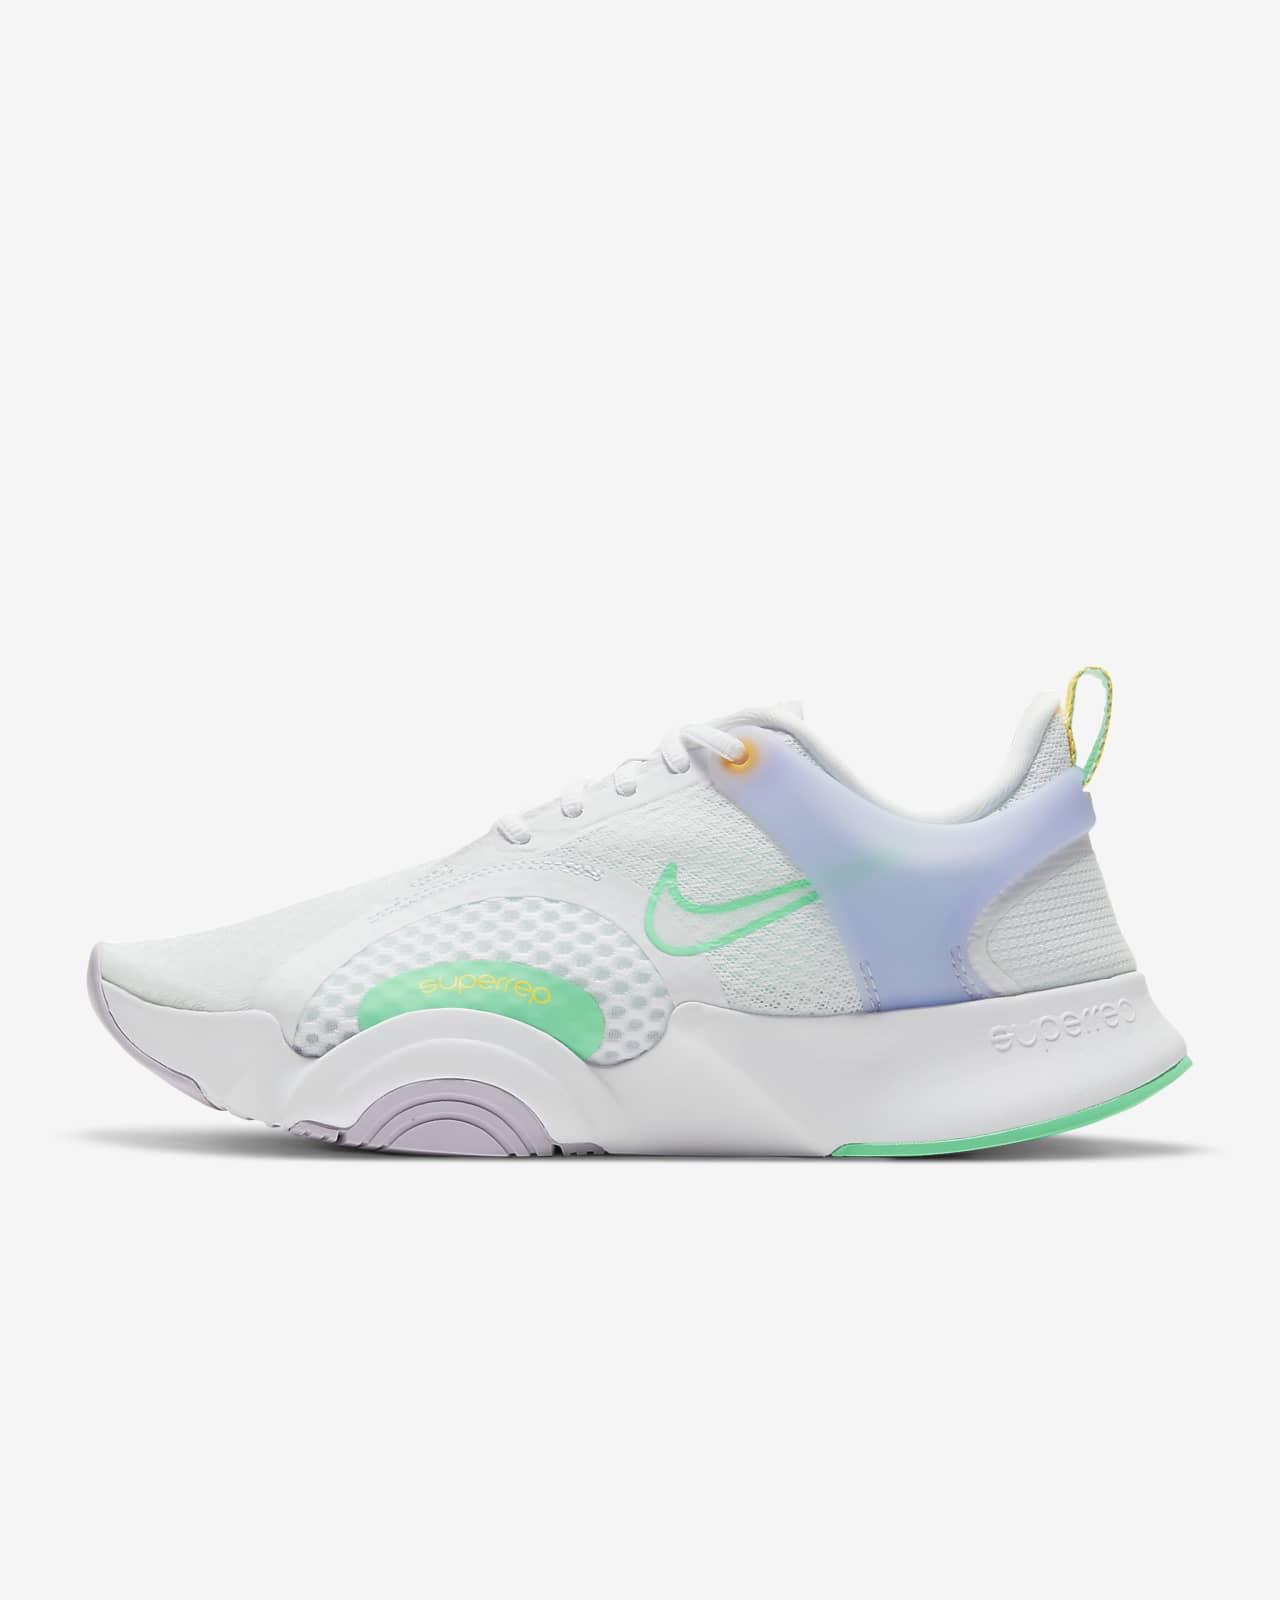 Sapatilhas de treino Nike SuperRep Go 2 para mulher